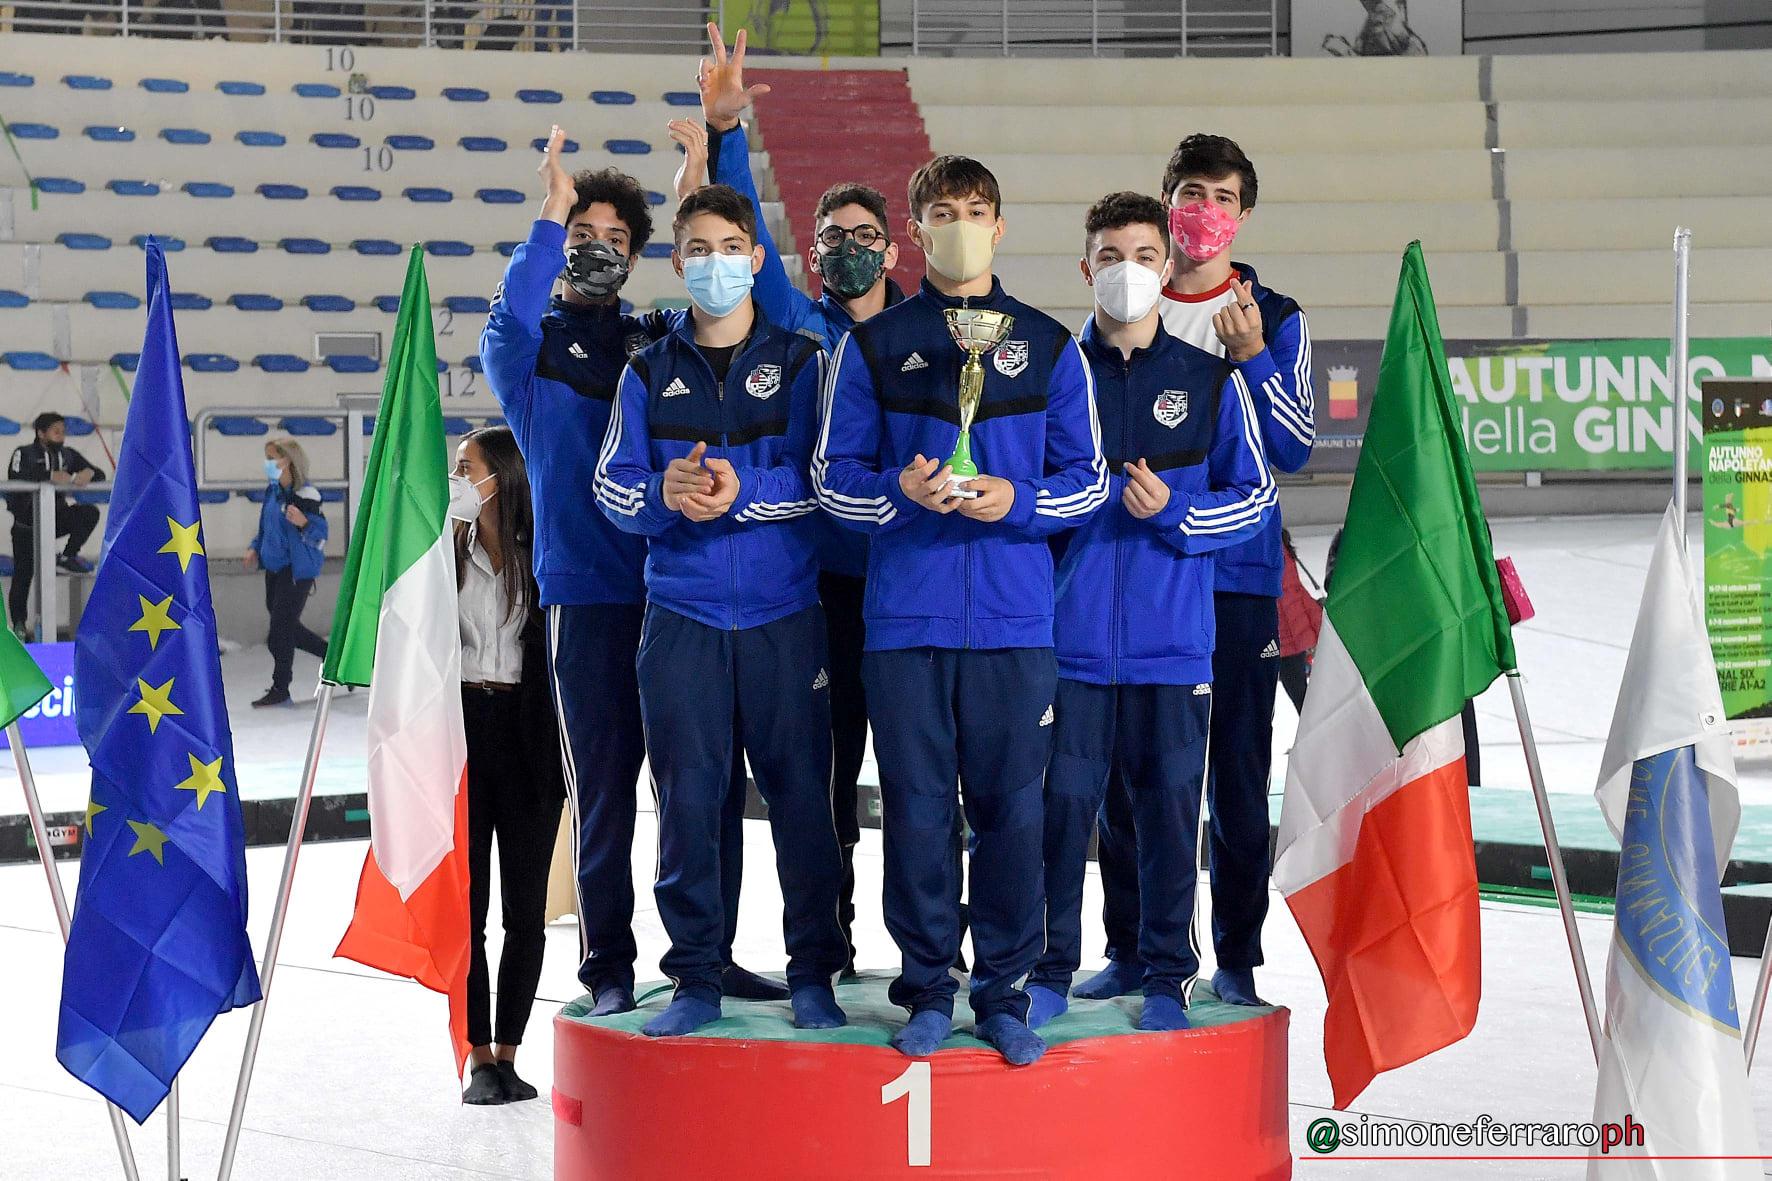 Ginnastica artistica |  Serie A1 |  la Pro Patria Bustese vince la terza tappa al maschile  Definita la Final Six Scudetto